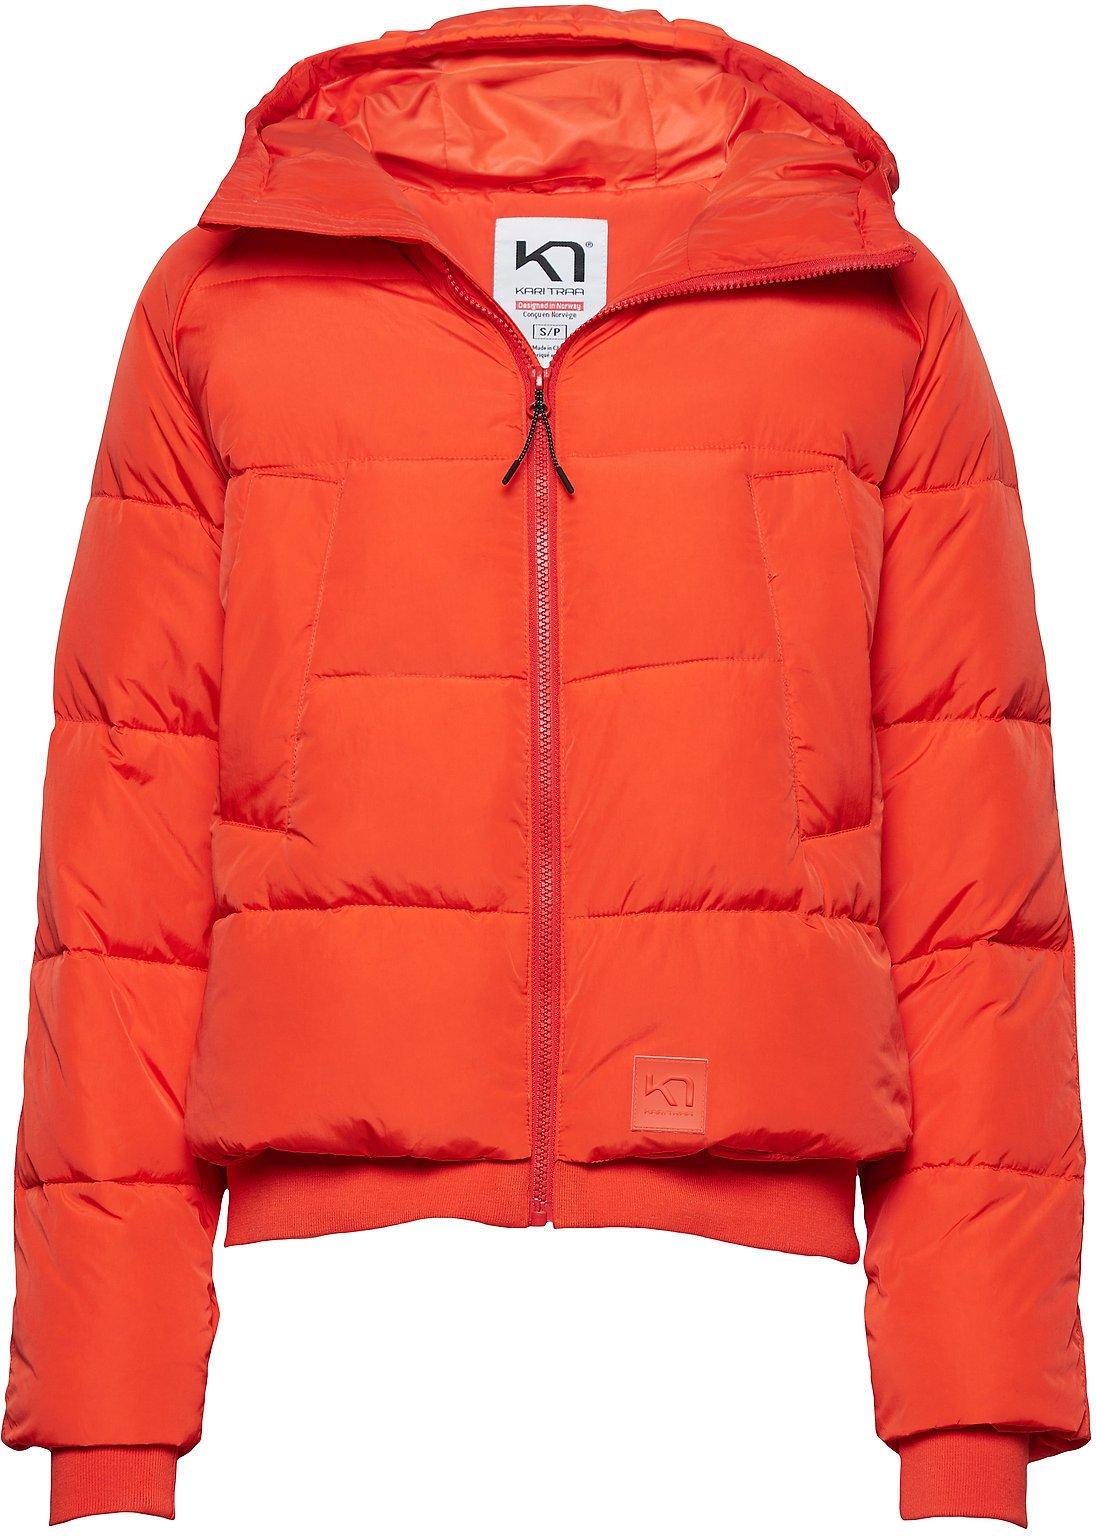 Kari Traa fine dame jakker, sammenlign priser og kjøp på nett